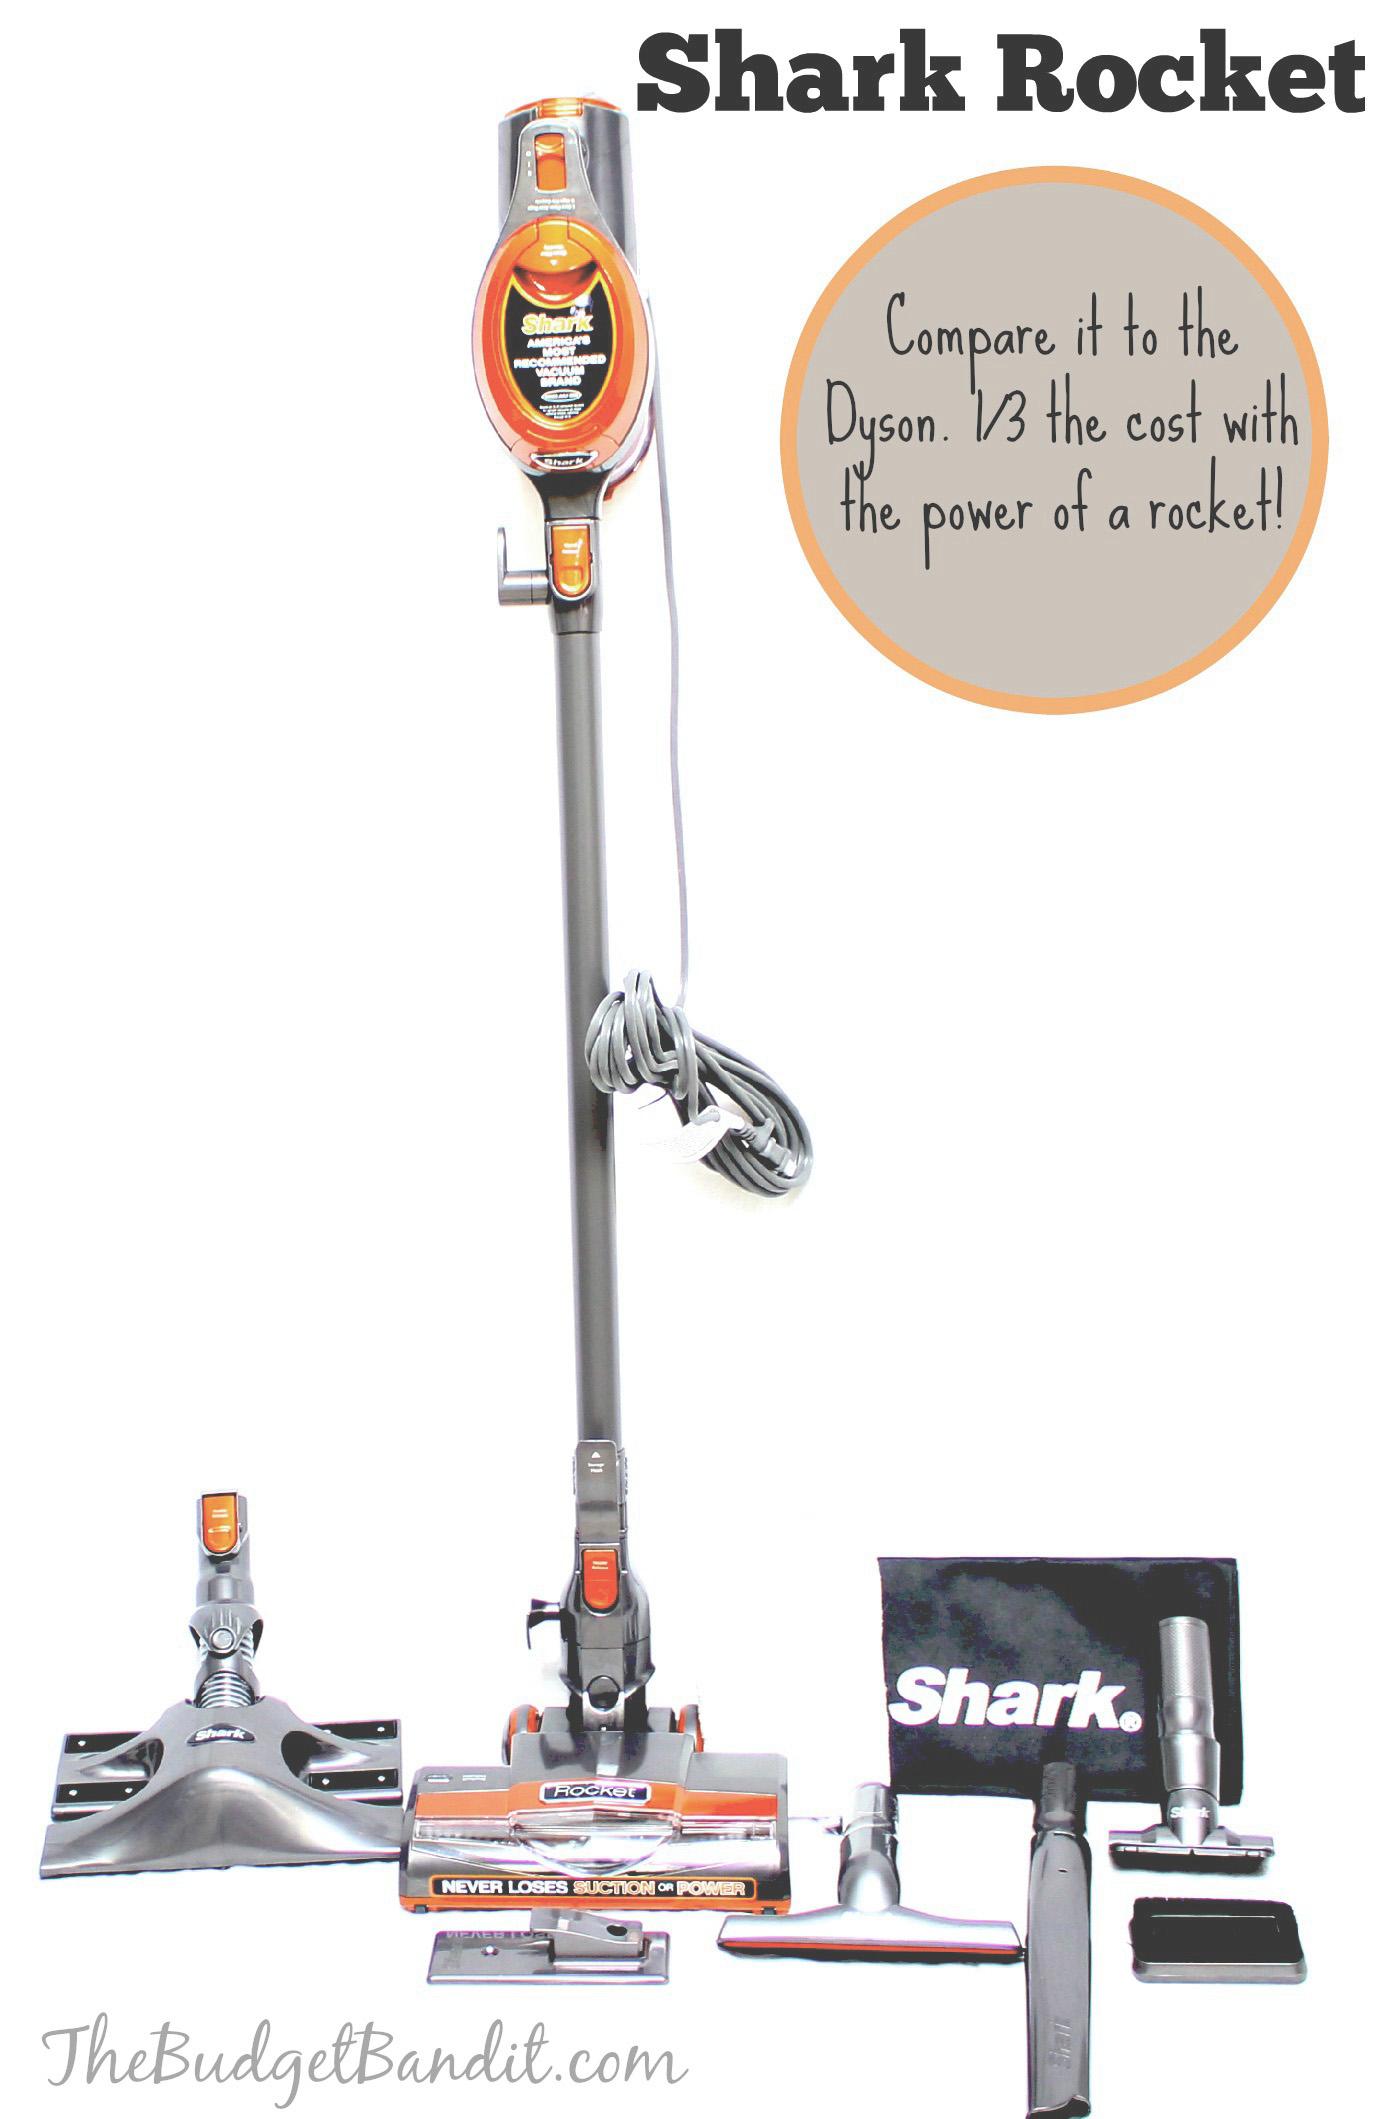 Shark Rocket Versus Dyson Vacuum Review